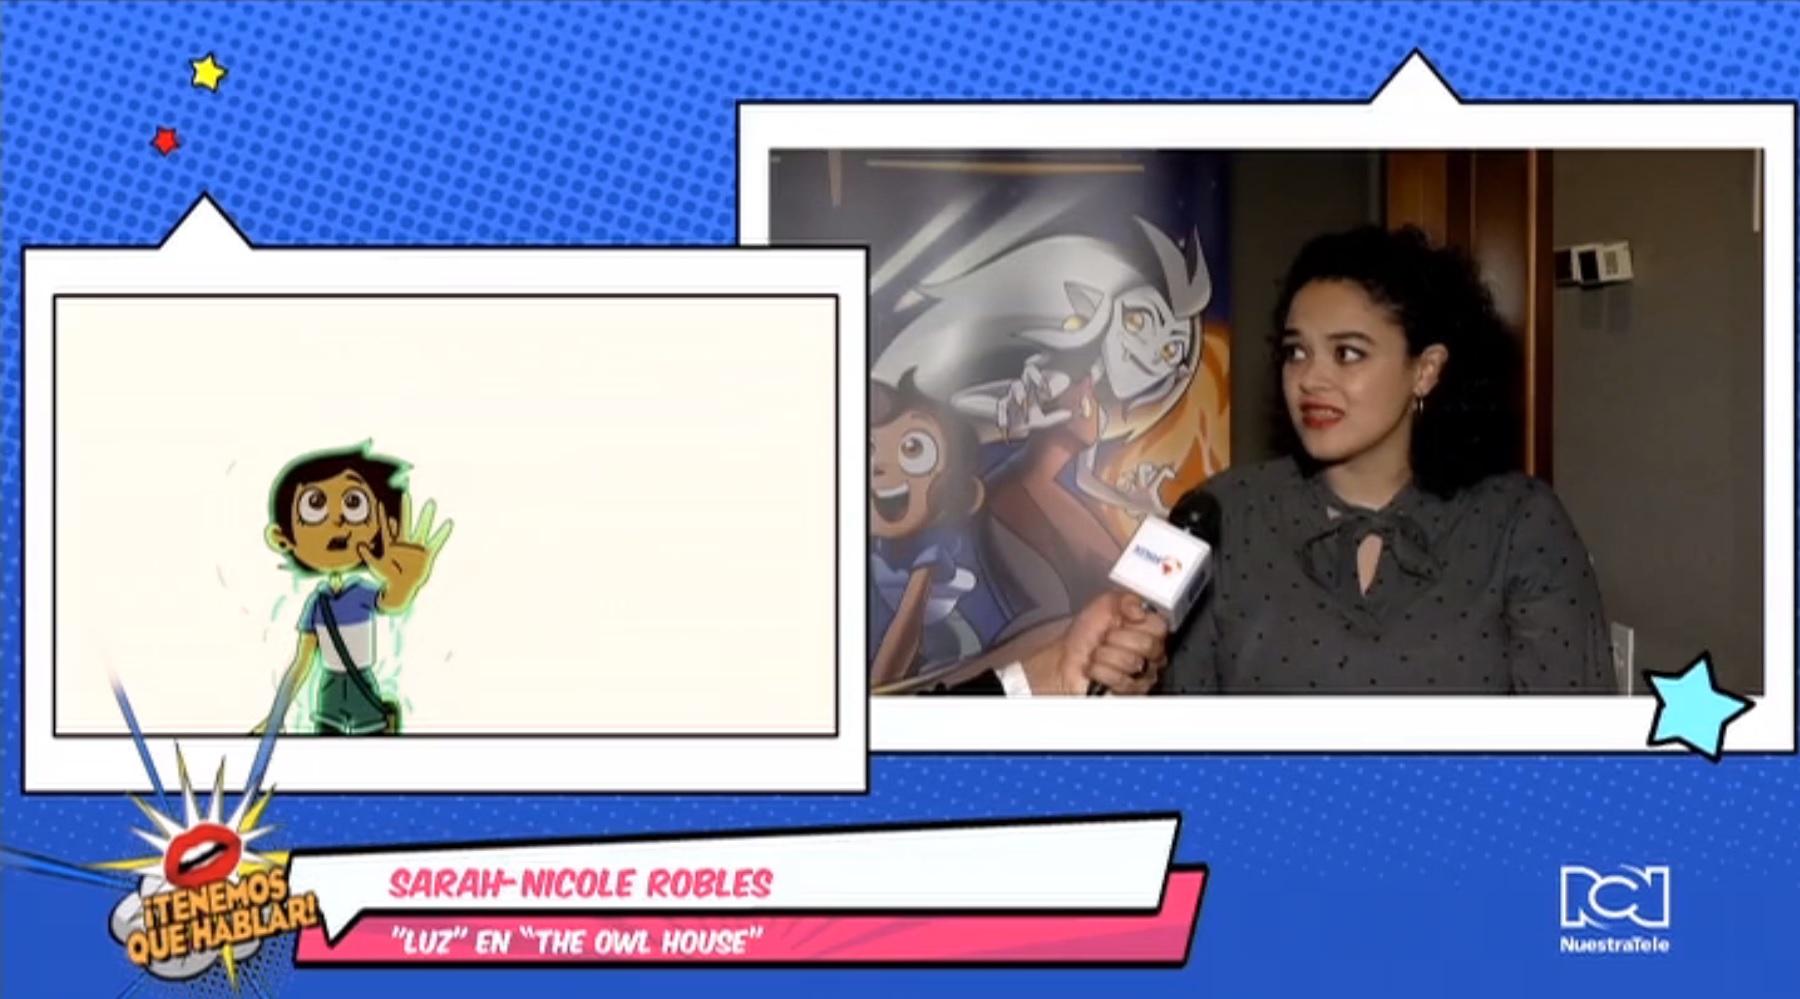 Sarah-Nicole Robles de su voz al personaje de Luz en la serie 'The Owl House' de Disney